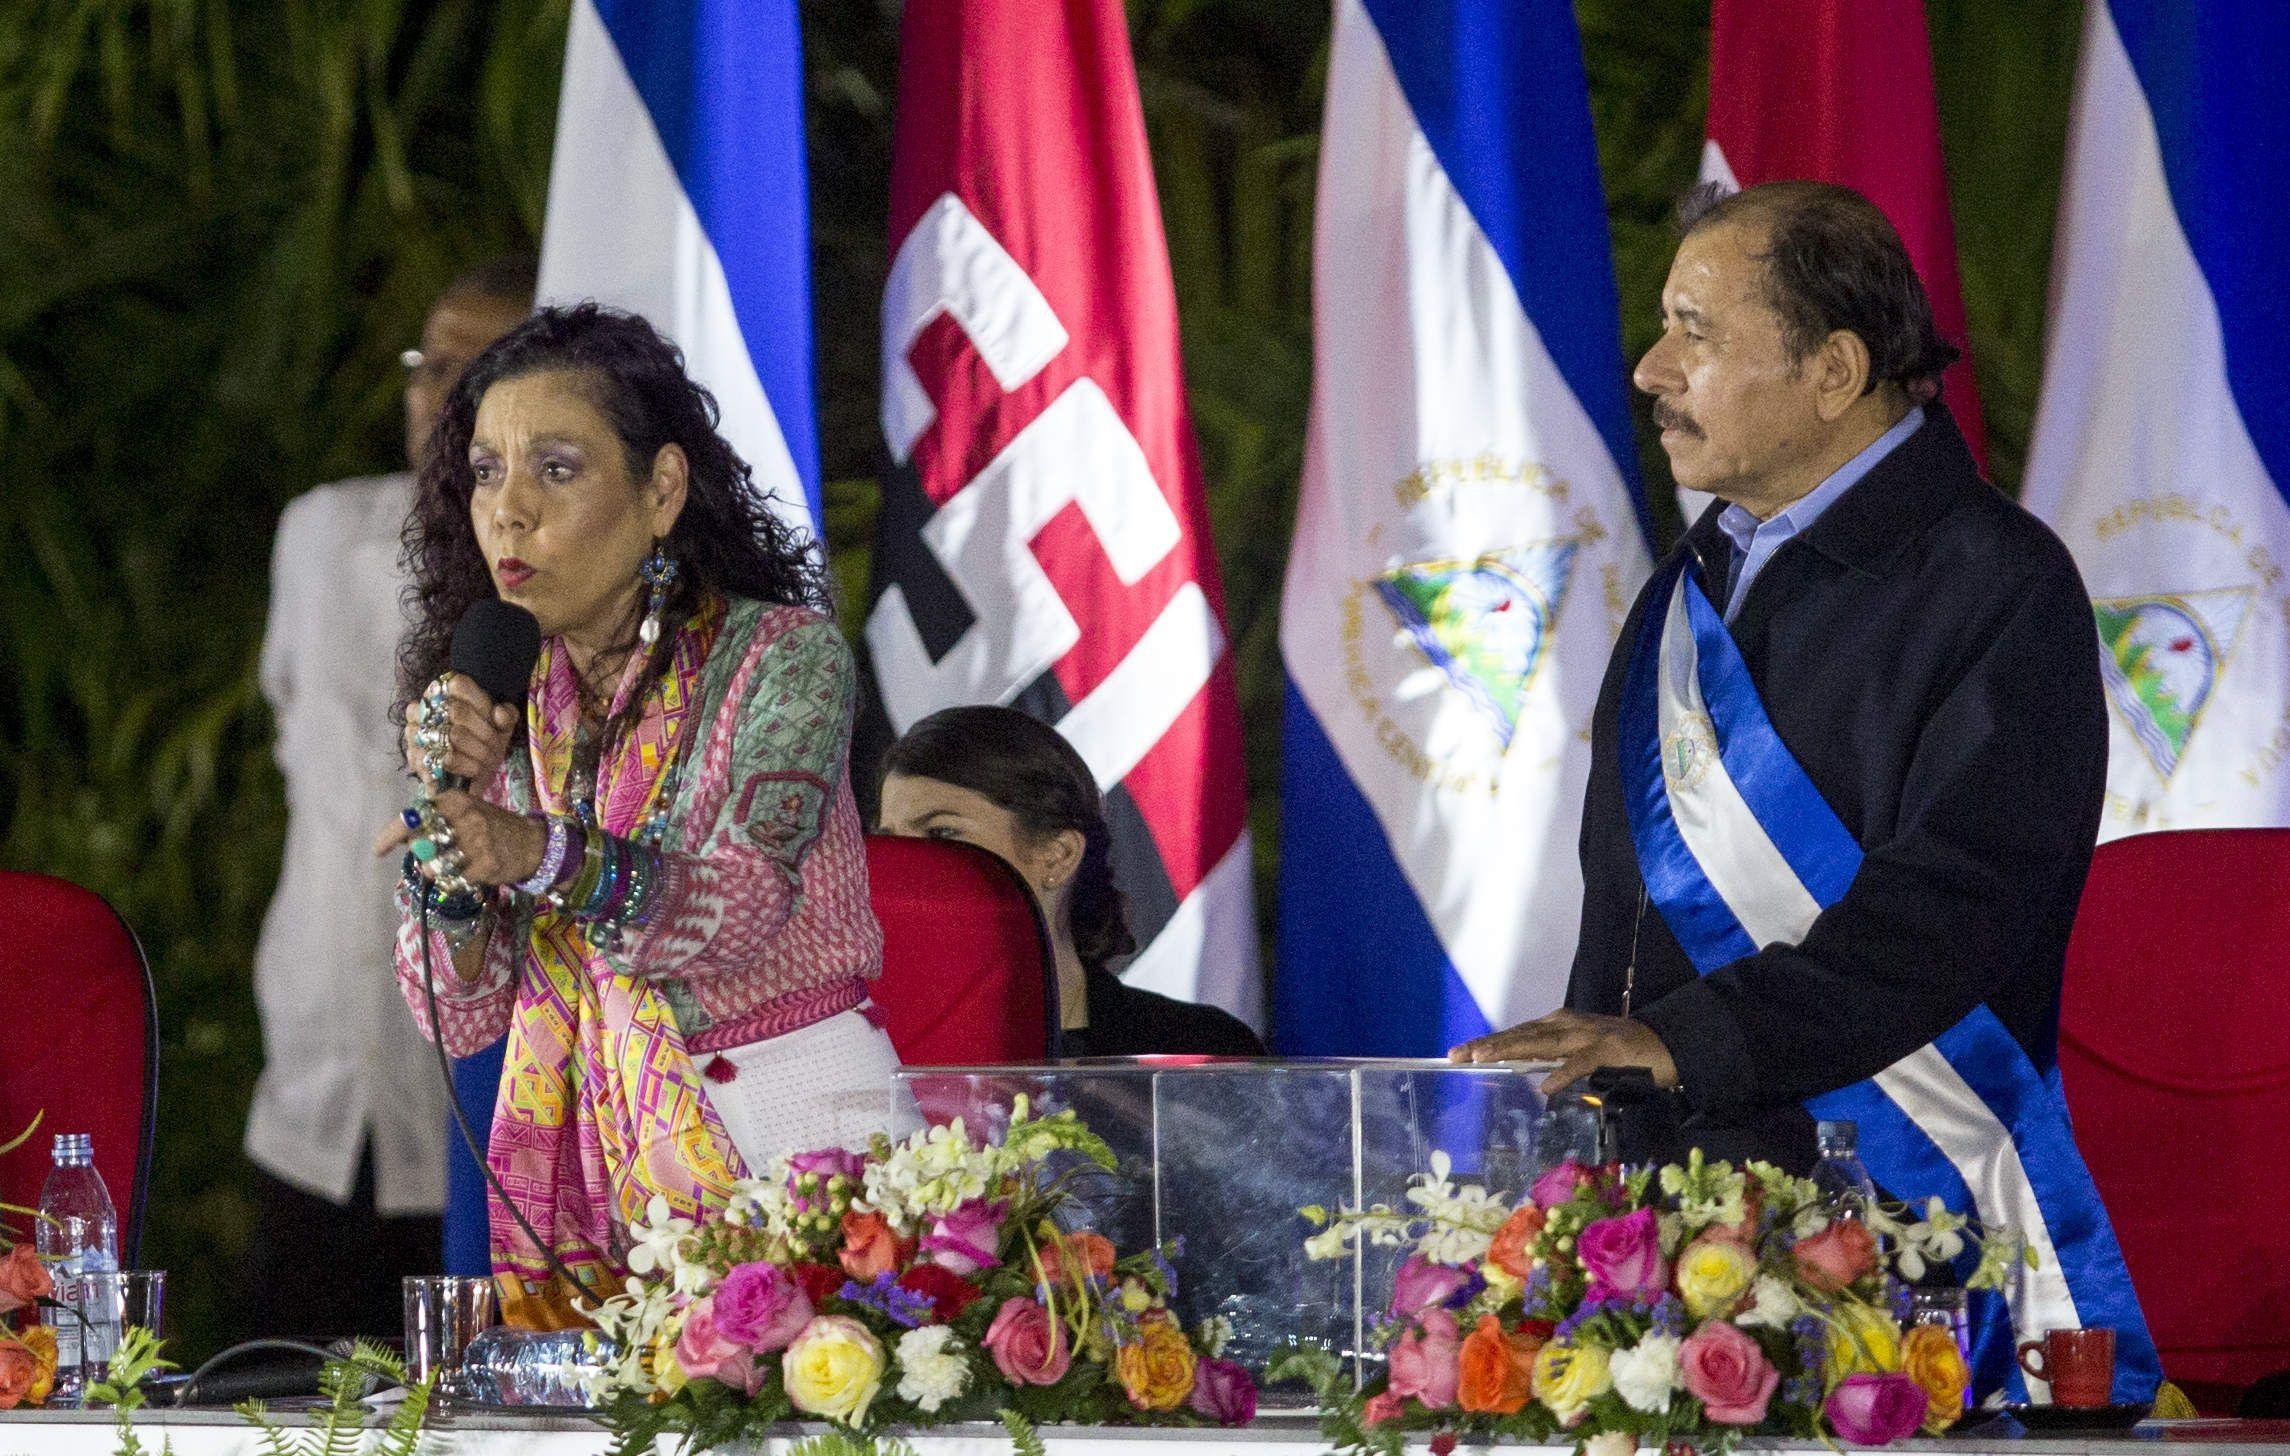 La vicepresidenta de Nicaragua, Rosario Murillo (i), junto a su esposo el presidente de Nicaragua, Daniel Ortega (d), en una fotografía de archivo. EFE/Jorge Torres.